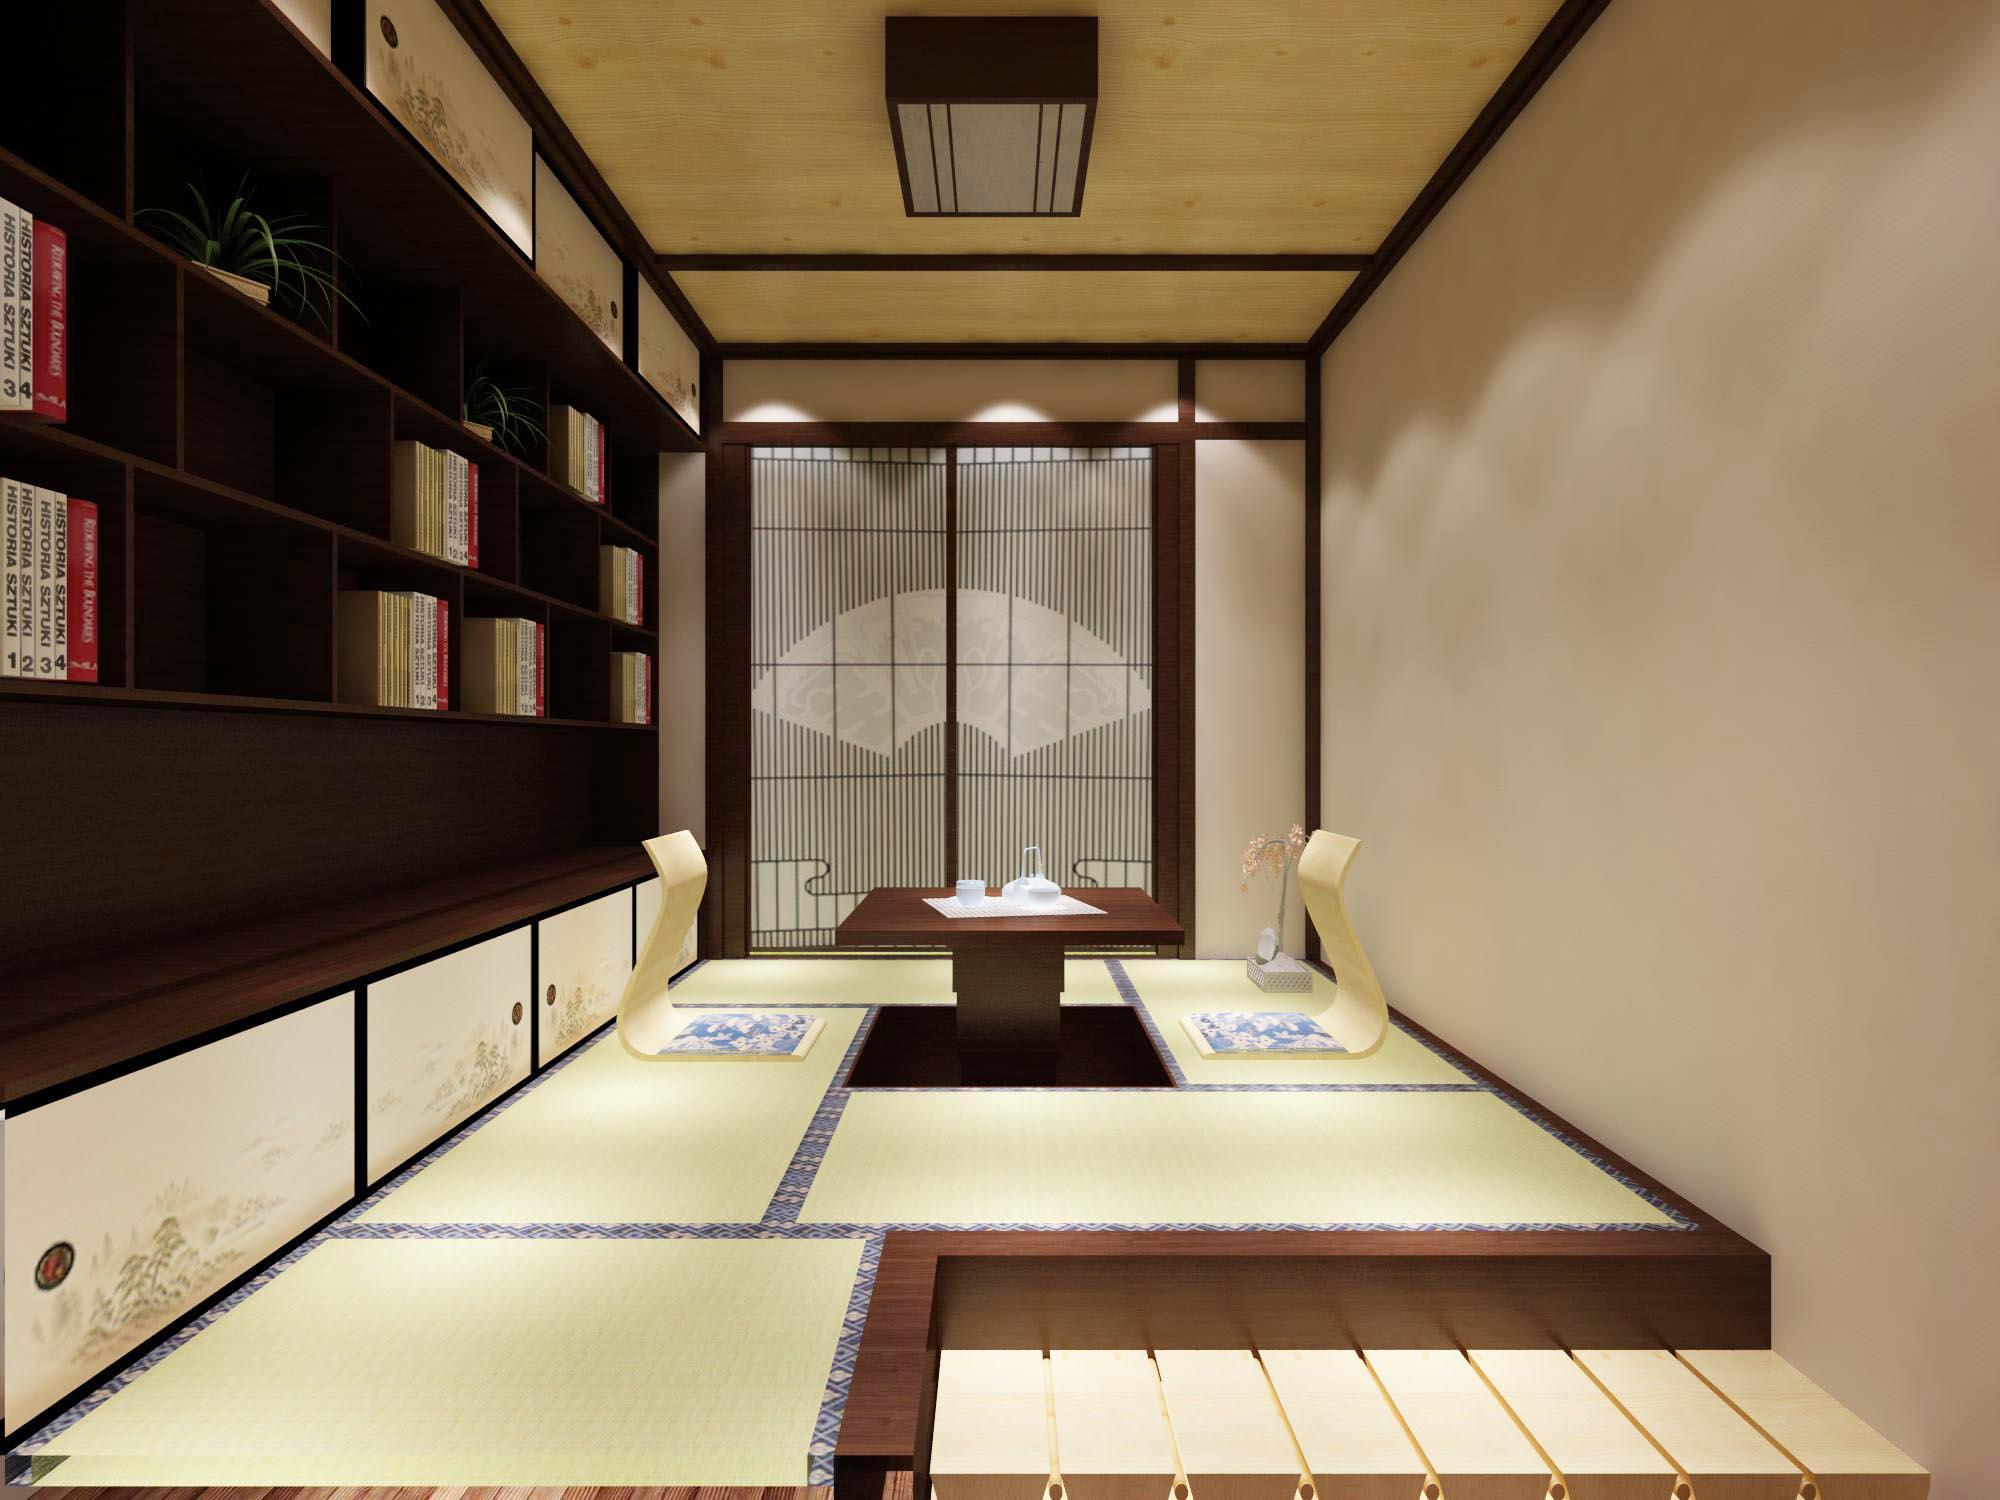 适合做小�9lzgh��9f�x�_这款榻榻米适合休闲式的书房,装饰效果好,使用舒适.